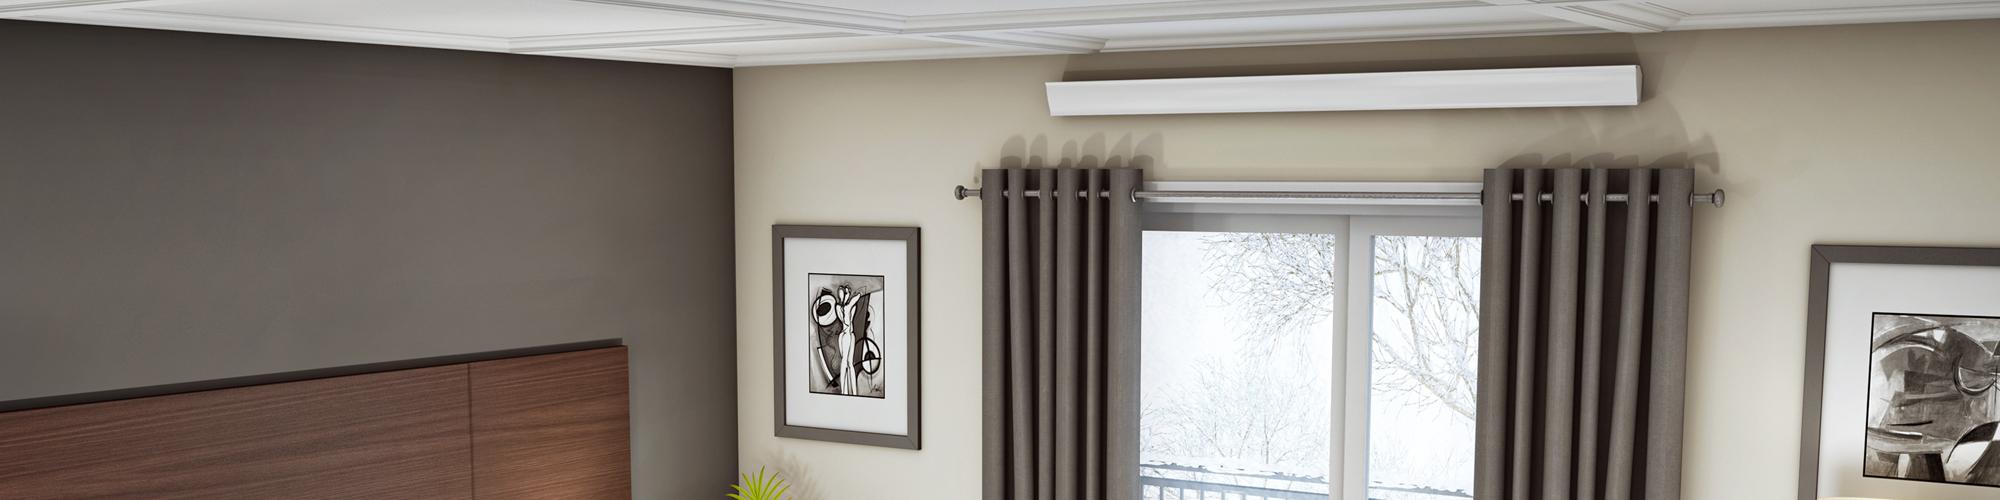 radiateur de couronne